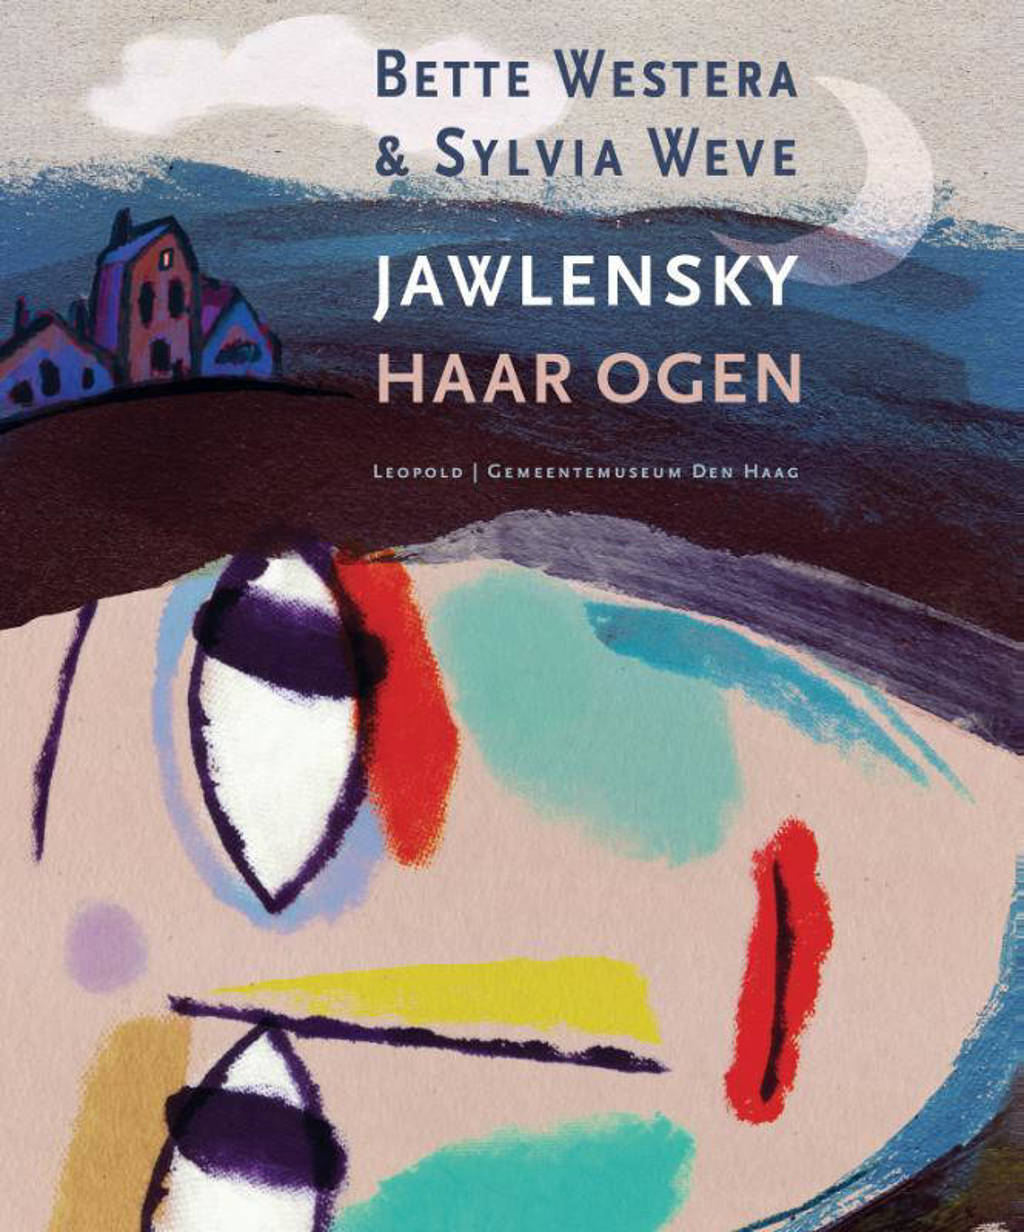 Kunstprentenboeken: Jawlensky Haar ogen - Bette Westera